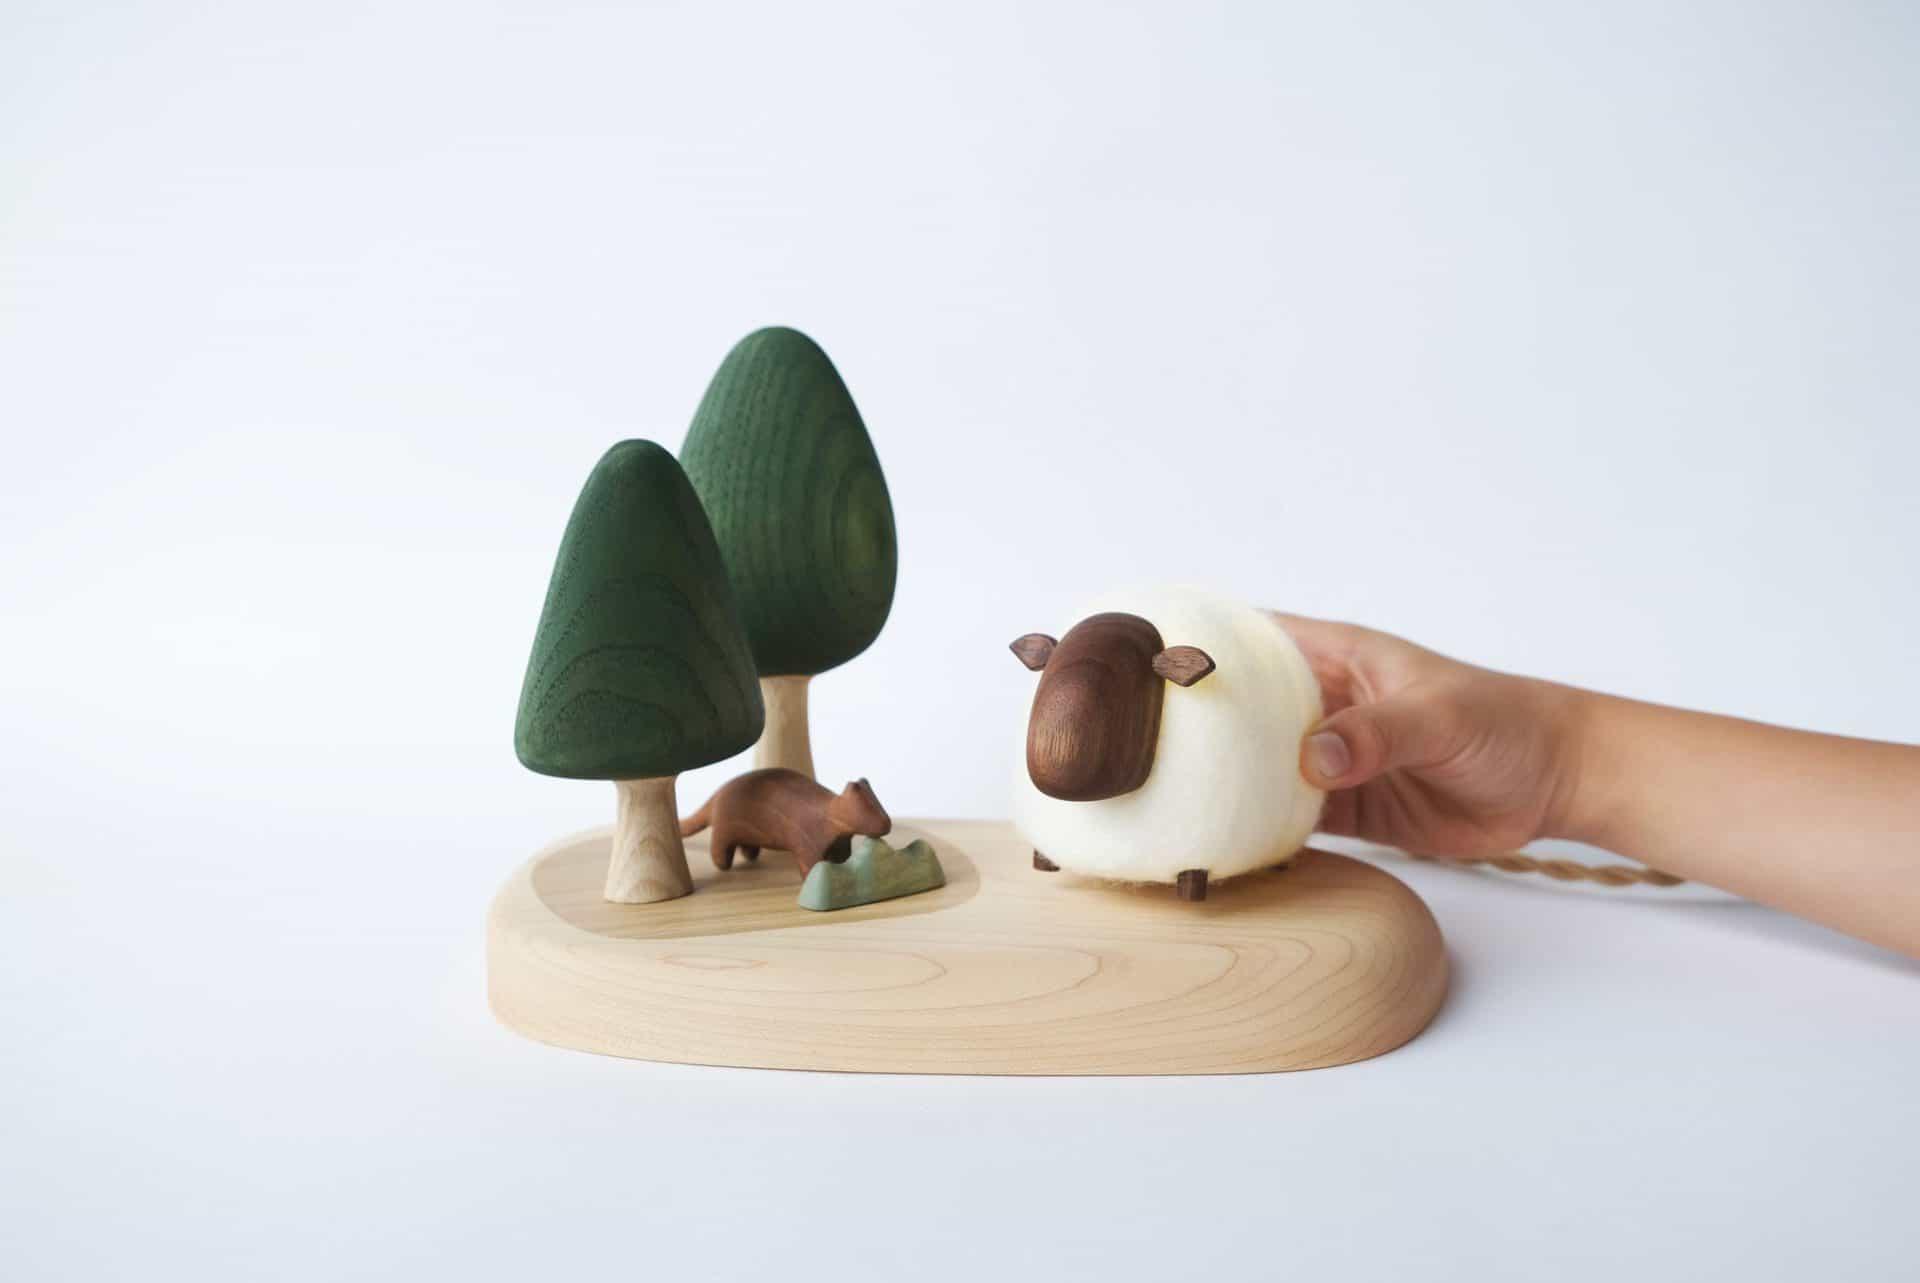 森林裡的羊-l-互動式木質燈飾_圖片提供/MoziDozen木子到森3 木作+燈具,電燈開關和木頭的結合就像是解謎的過程